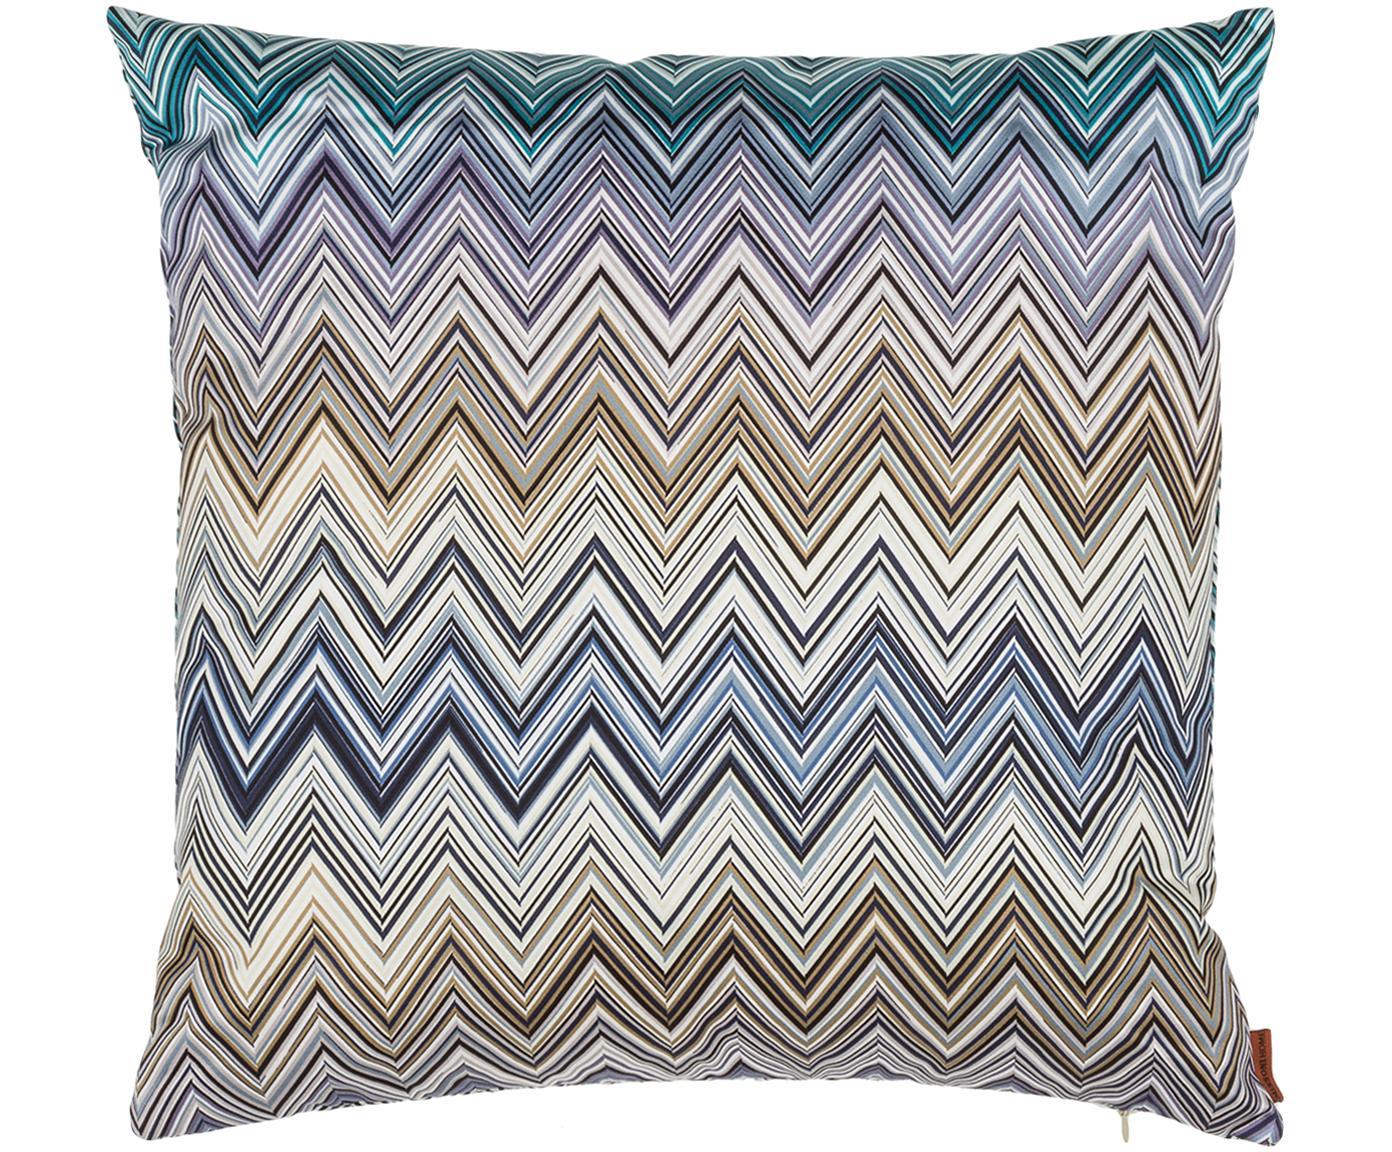 Cuscino in raso di cotone Jarris, Rivestimento: 100% cotone, Porpora, turchese, beige, Larg. 40 x Lung. 40 cm